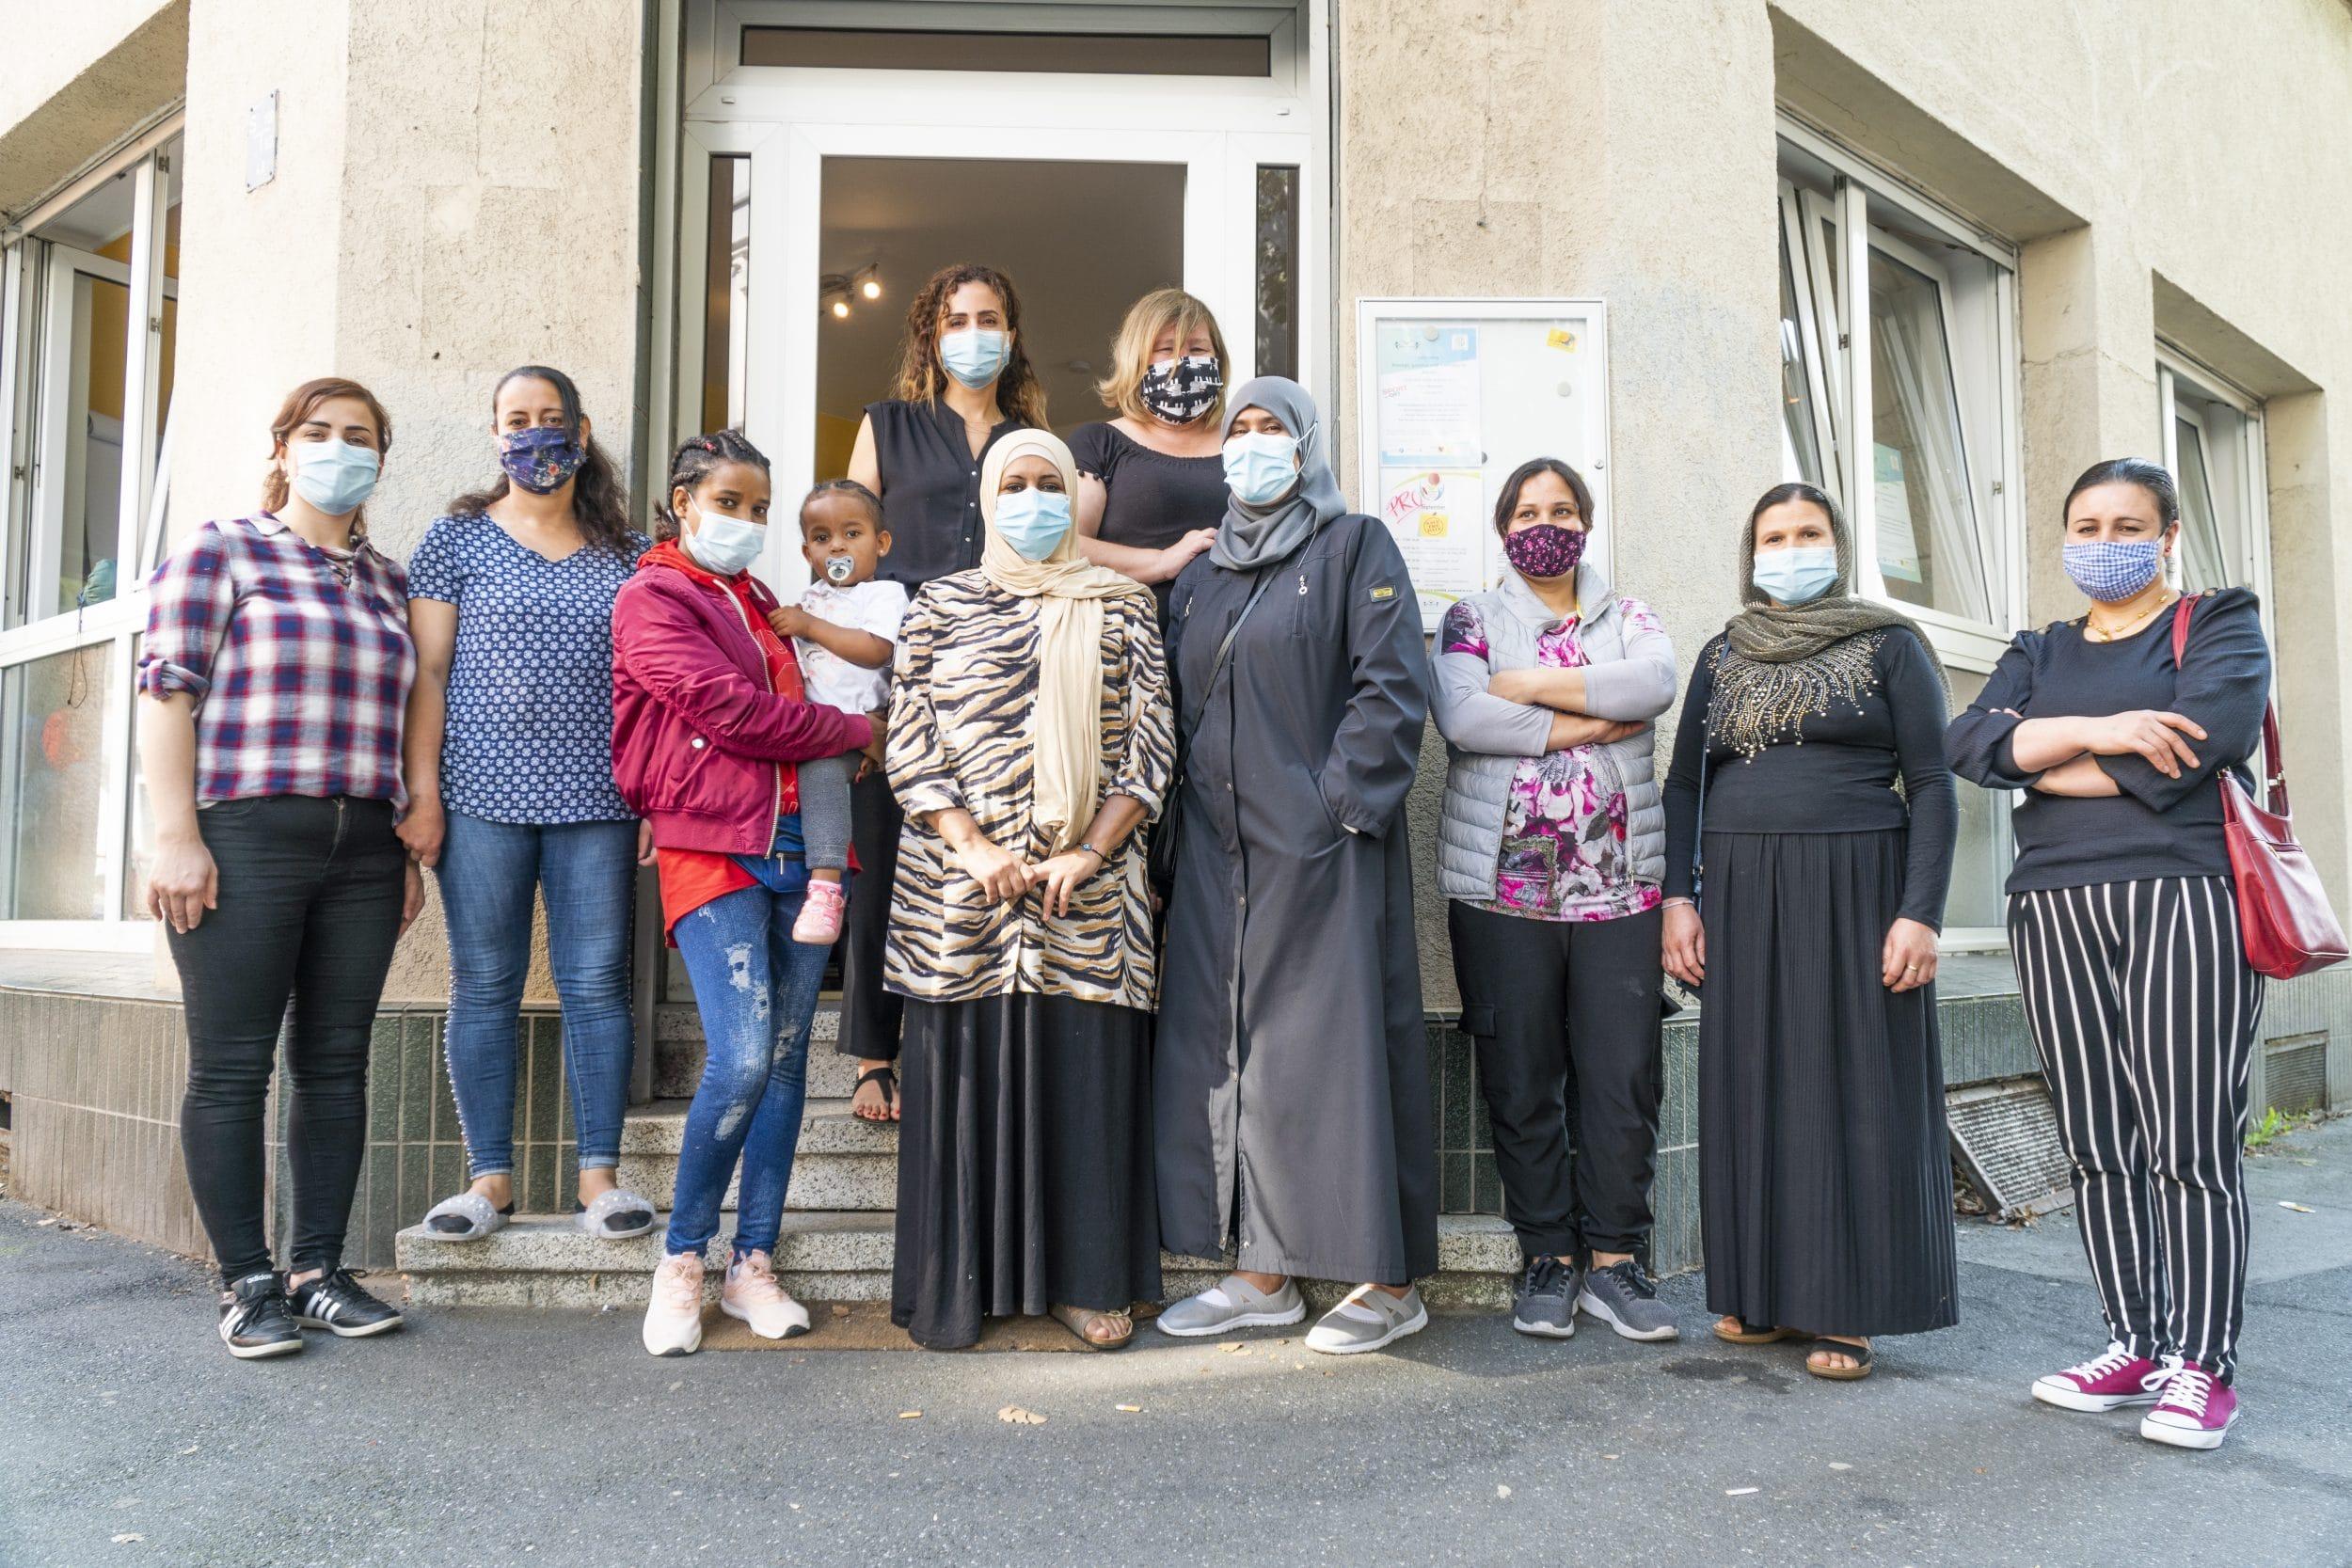 359 Decken, 54 Schlafsäcke und 13 Isomatten – Spenden für die obdachlosen Geflüchteten auf Lesbos